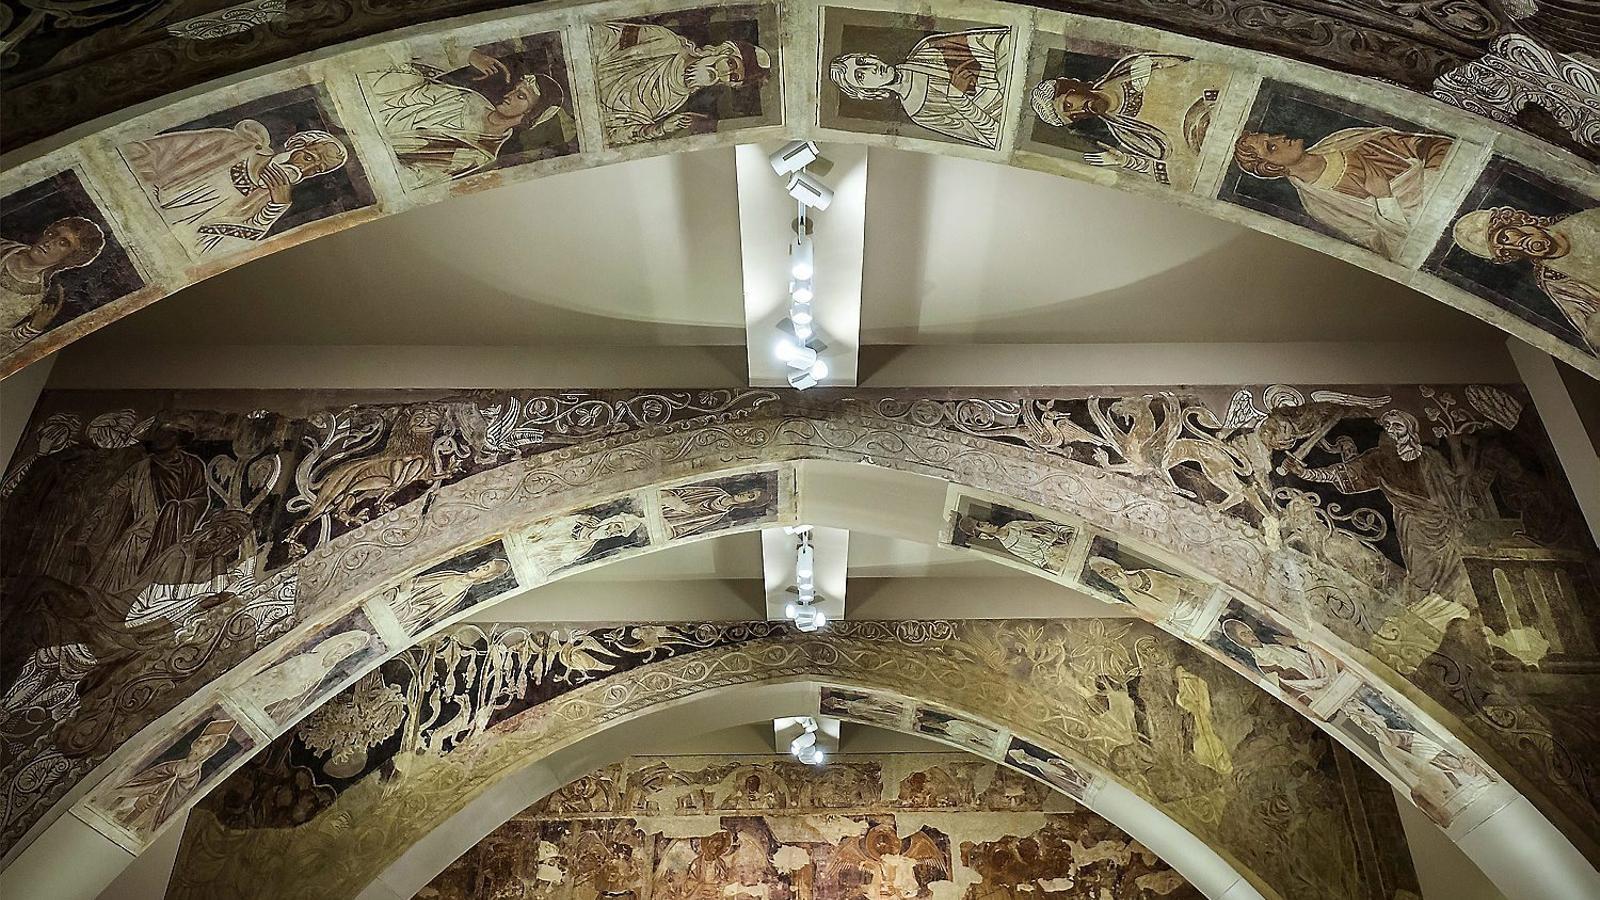 Un nou estudi sobre els murals Sixena conclou el mateix: no es poden traslladar